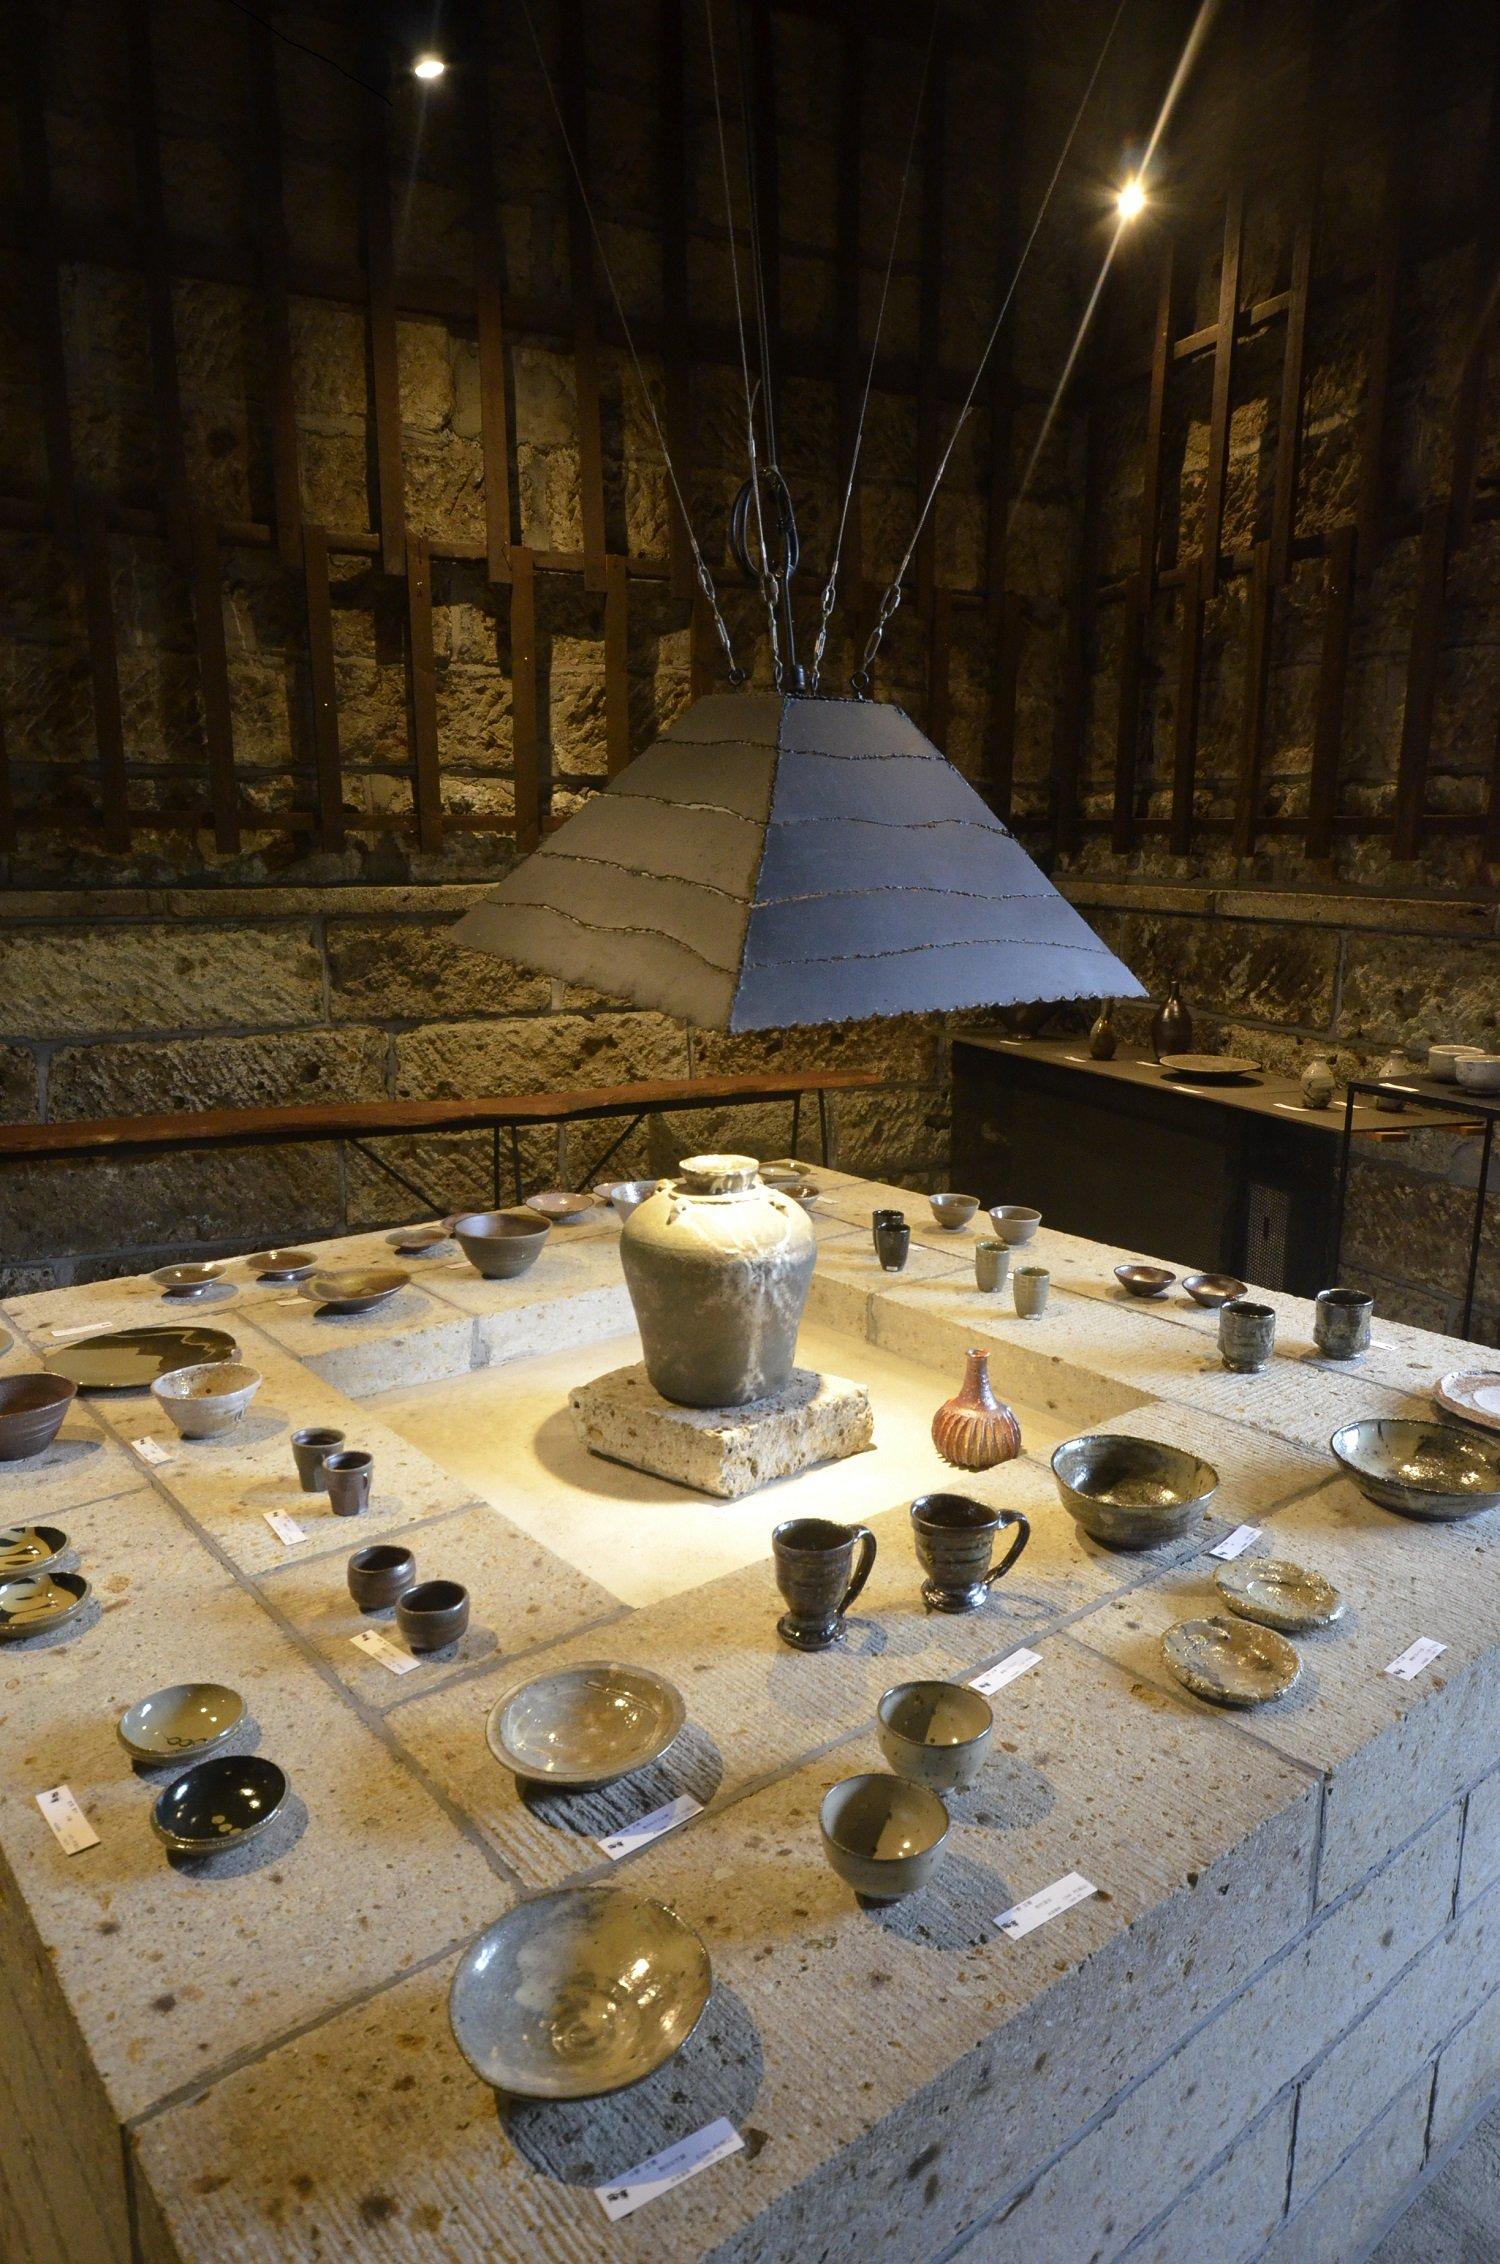 大谷石を組んだ囲炉裏風の台やステンドグラスなど遊び心が楽しい。